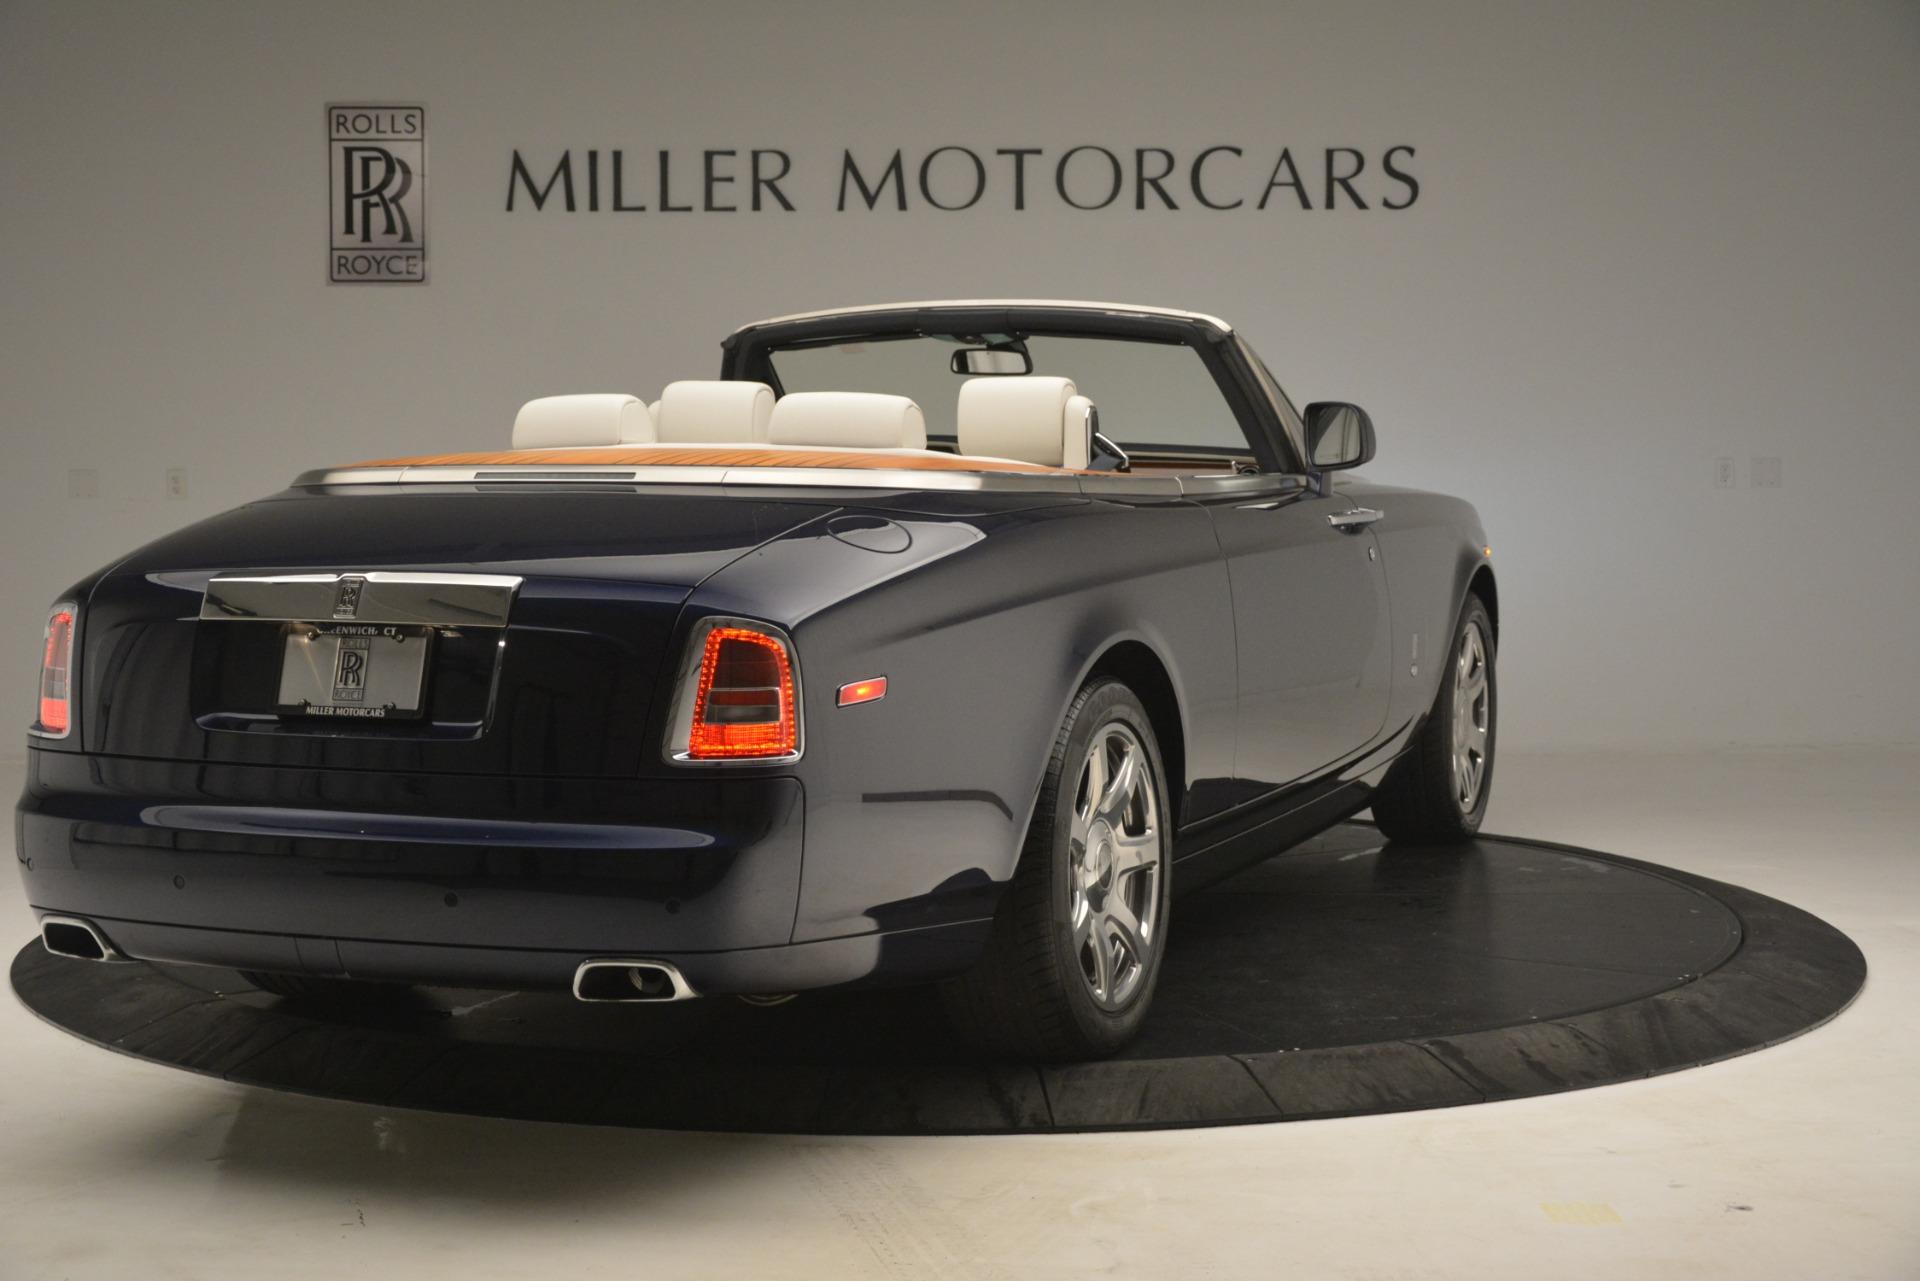 Used 2013 Rolls-Royce Phantom Drophead Coupe  For Sale In Westport, CT 2999_p11